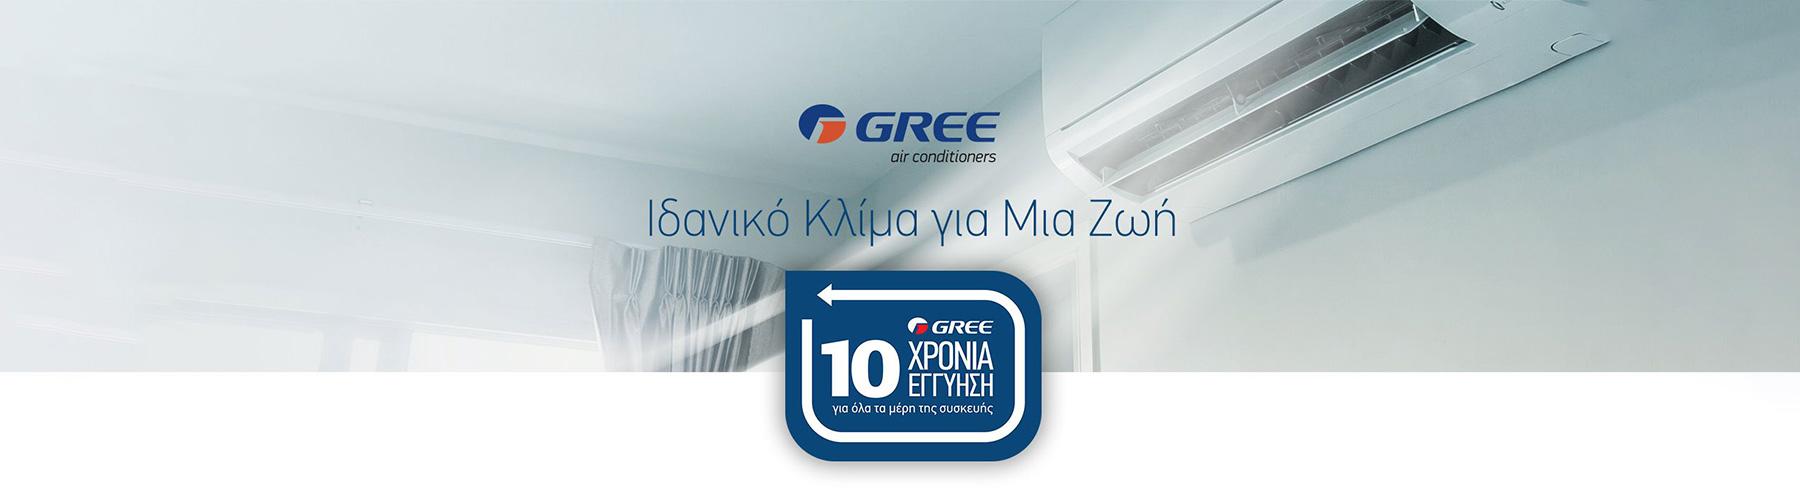 gree-1